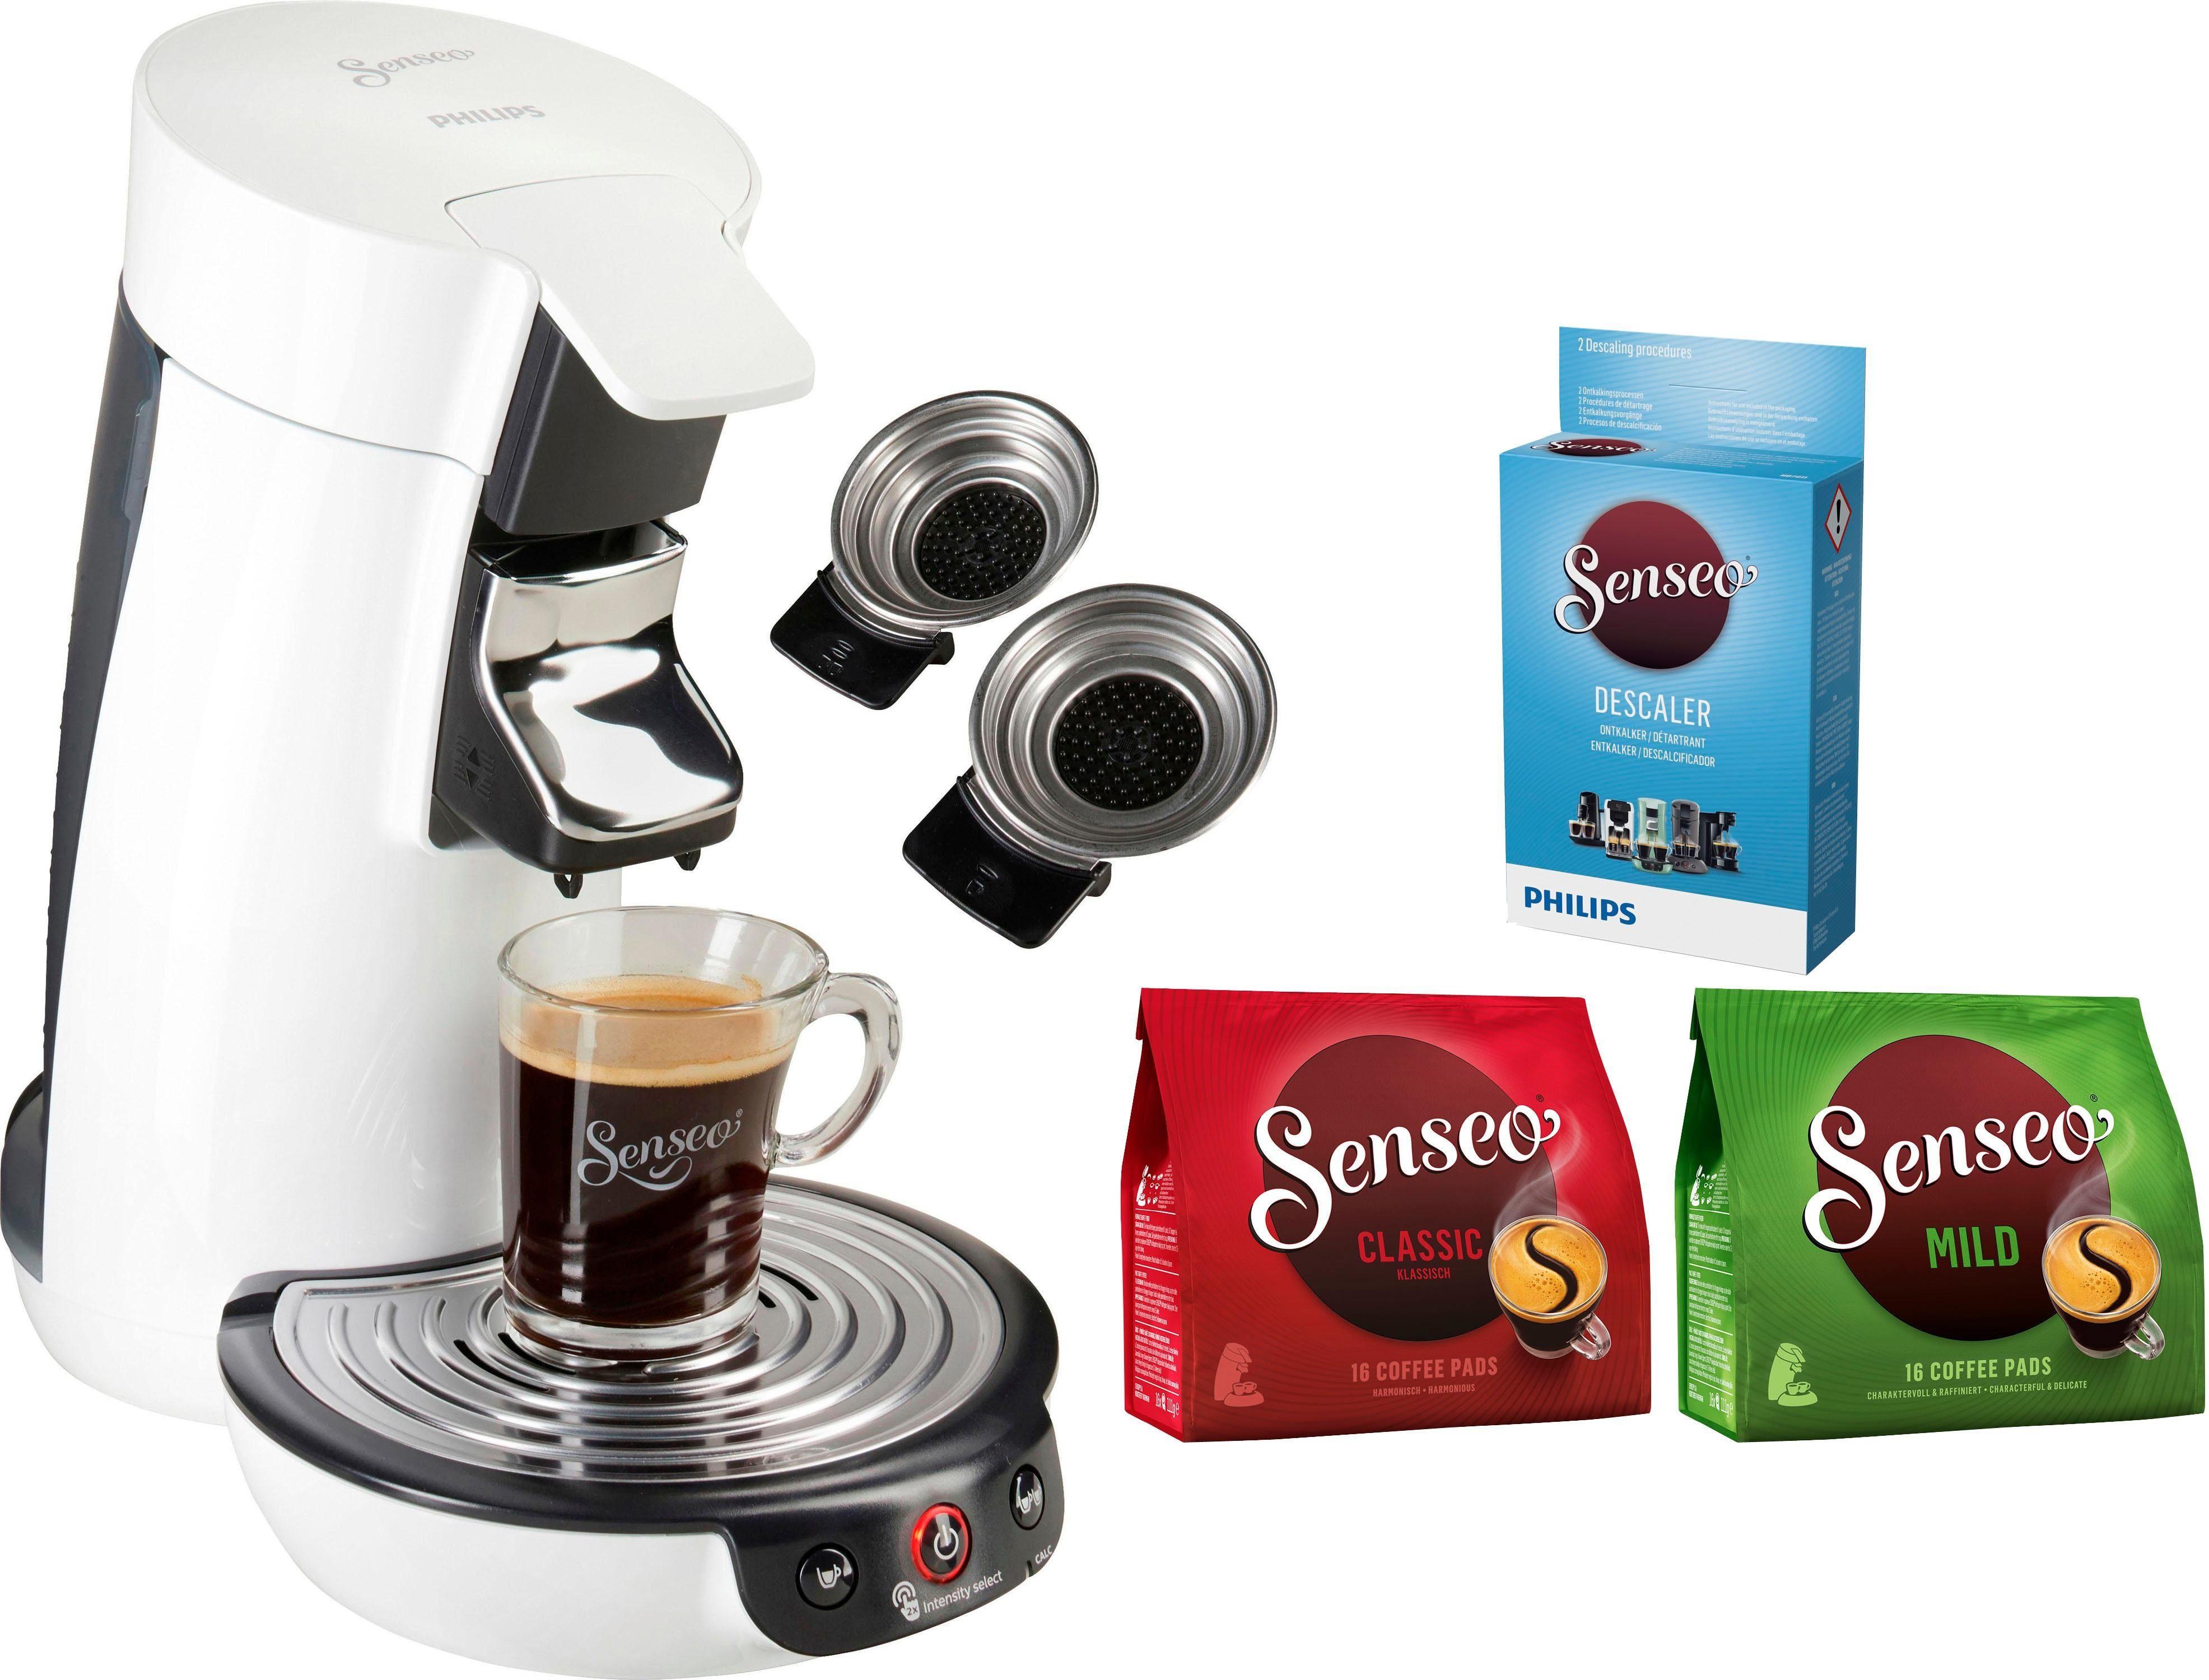 Senseo Kaffeepadmaschine SENSEO® Viva Café HD6563/00, inkl. Gratis-Zugaben im Wert von 14,- UVP